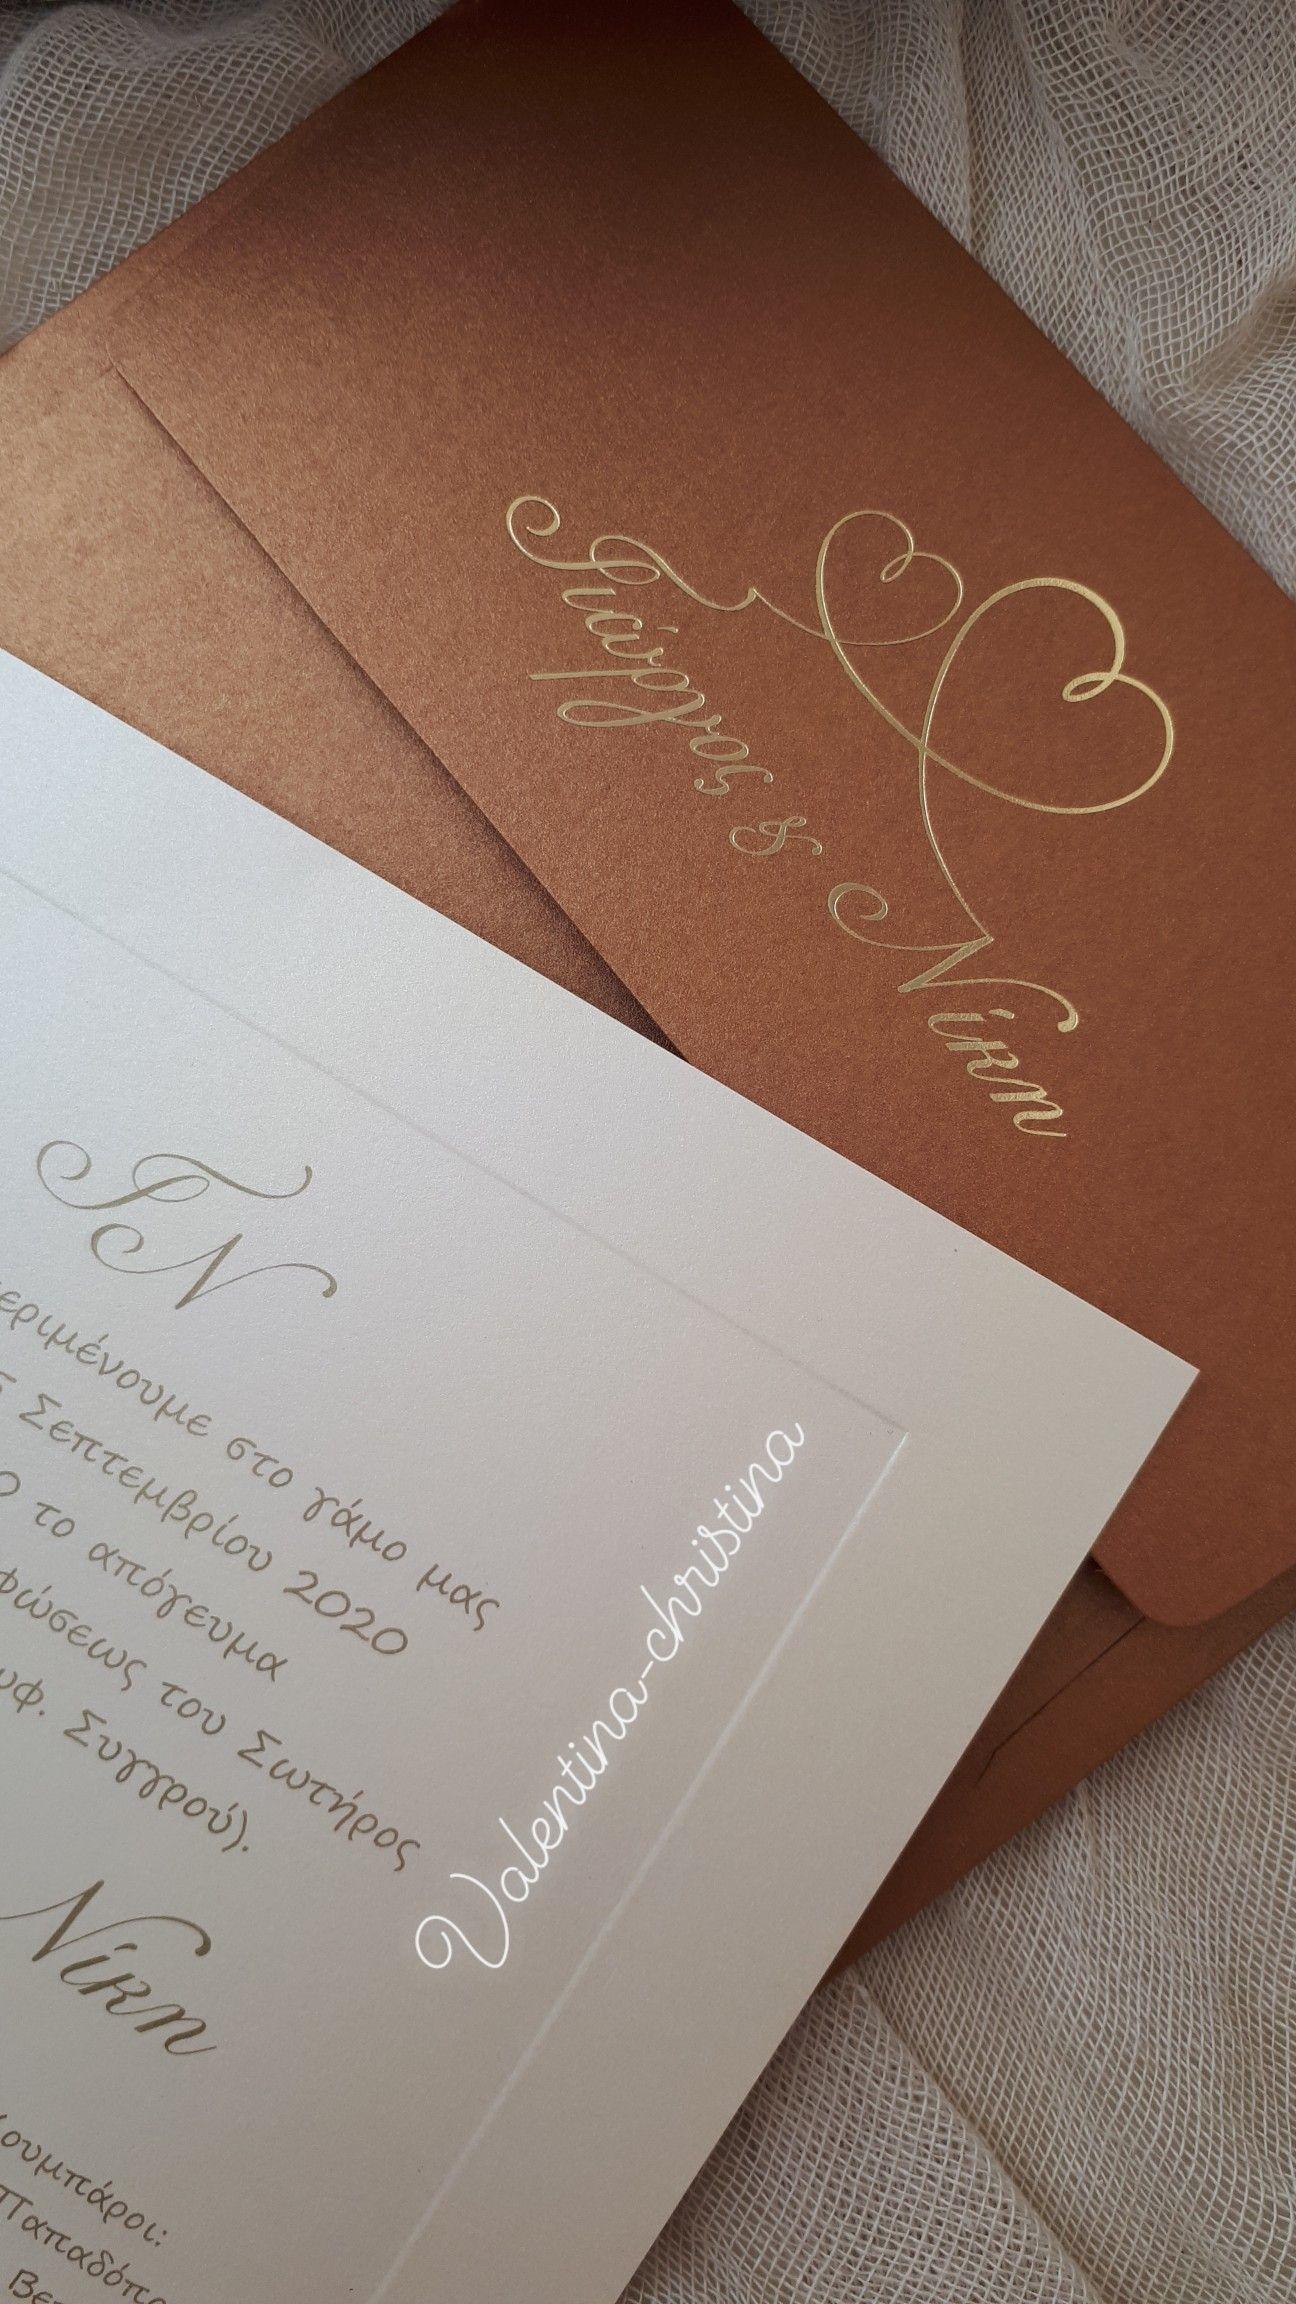 e681e2961548 Ιδιαίτερα προσκλητήρια γαμου by valentina-christina  προσκλητήρια   προσκλητηρια  προσκλητήρια γάμου προσκλητήριο prosklitiria prosklitirio   weddingcard  ...